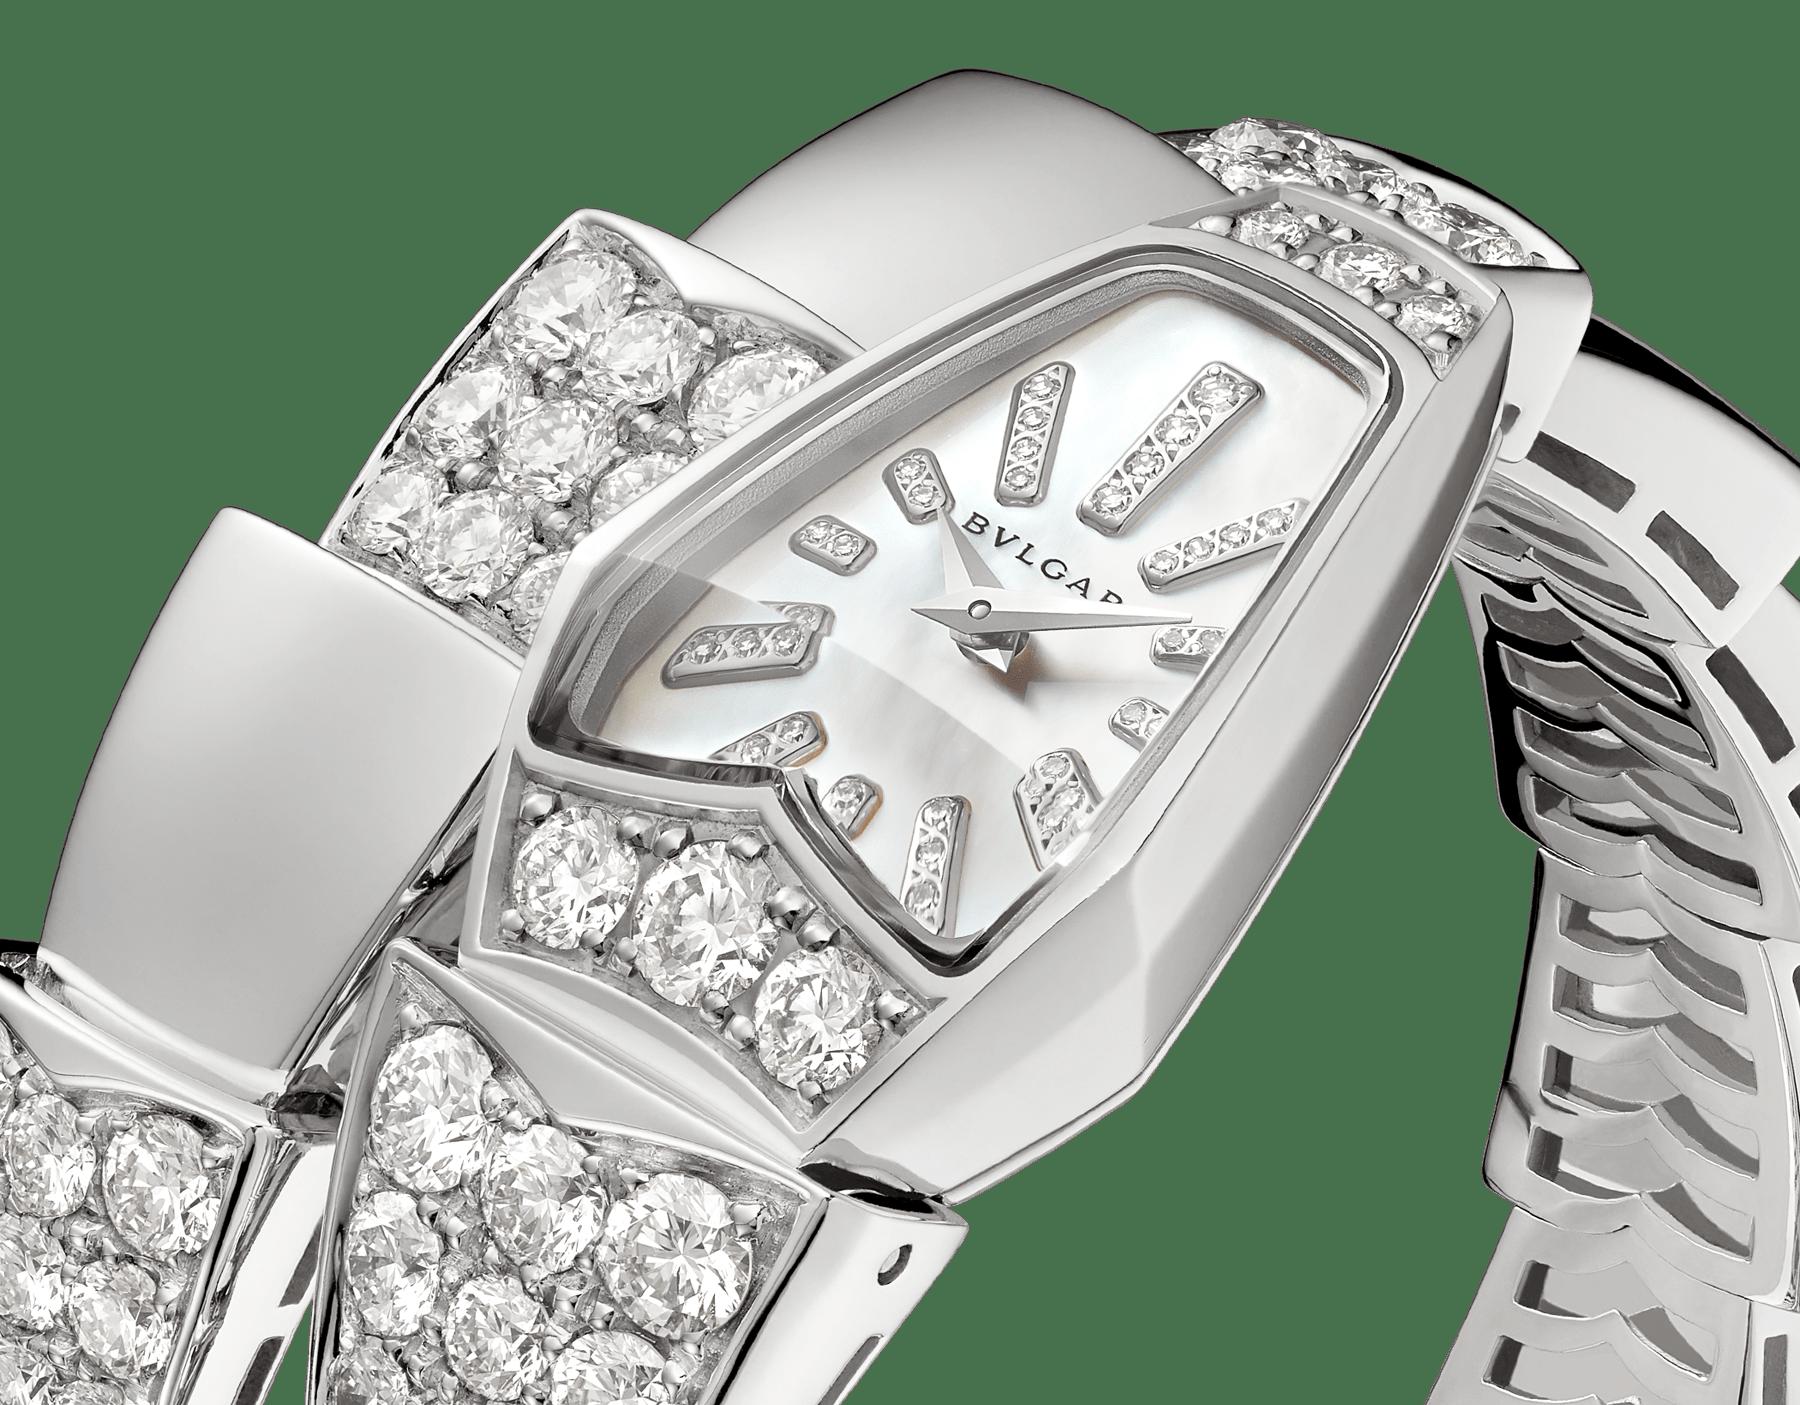 Relógio de Joalheria Serpenti com caixa e pulseira de uma volta em ouro branco 18K cravejadas com diamantes lapidação brilhante, mostrador em madrepérola branca e índices de diamante. 101787 image 2